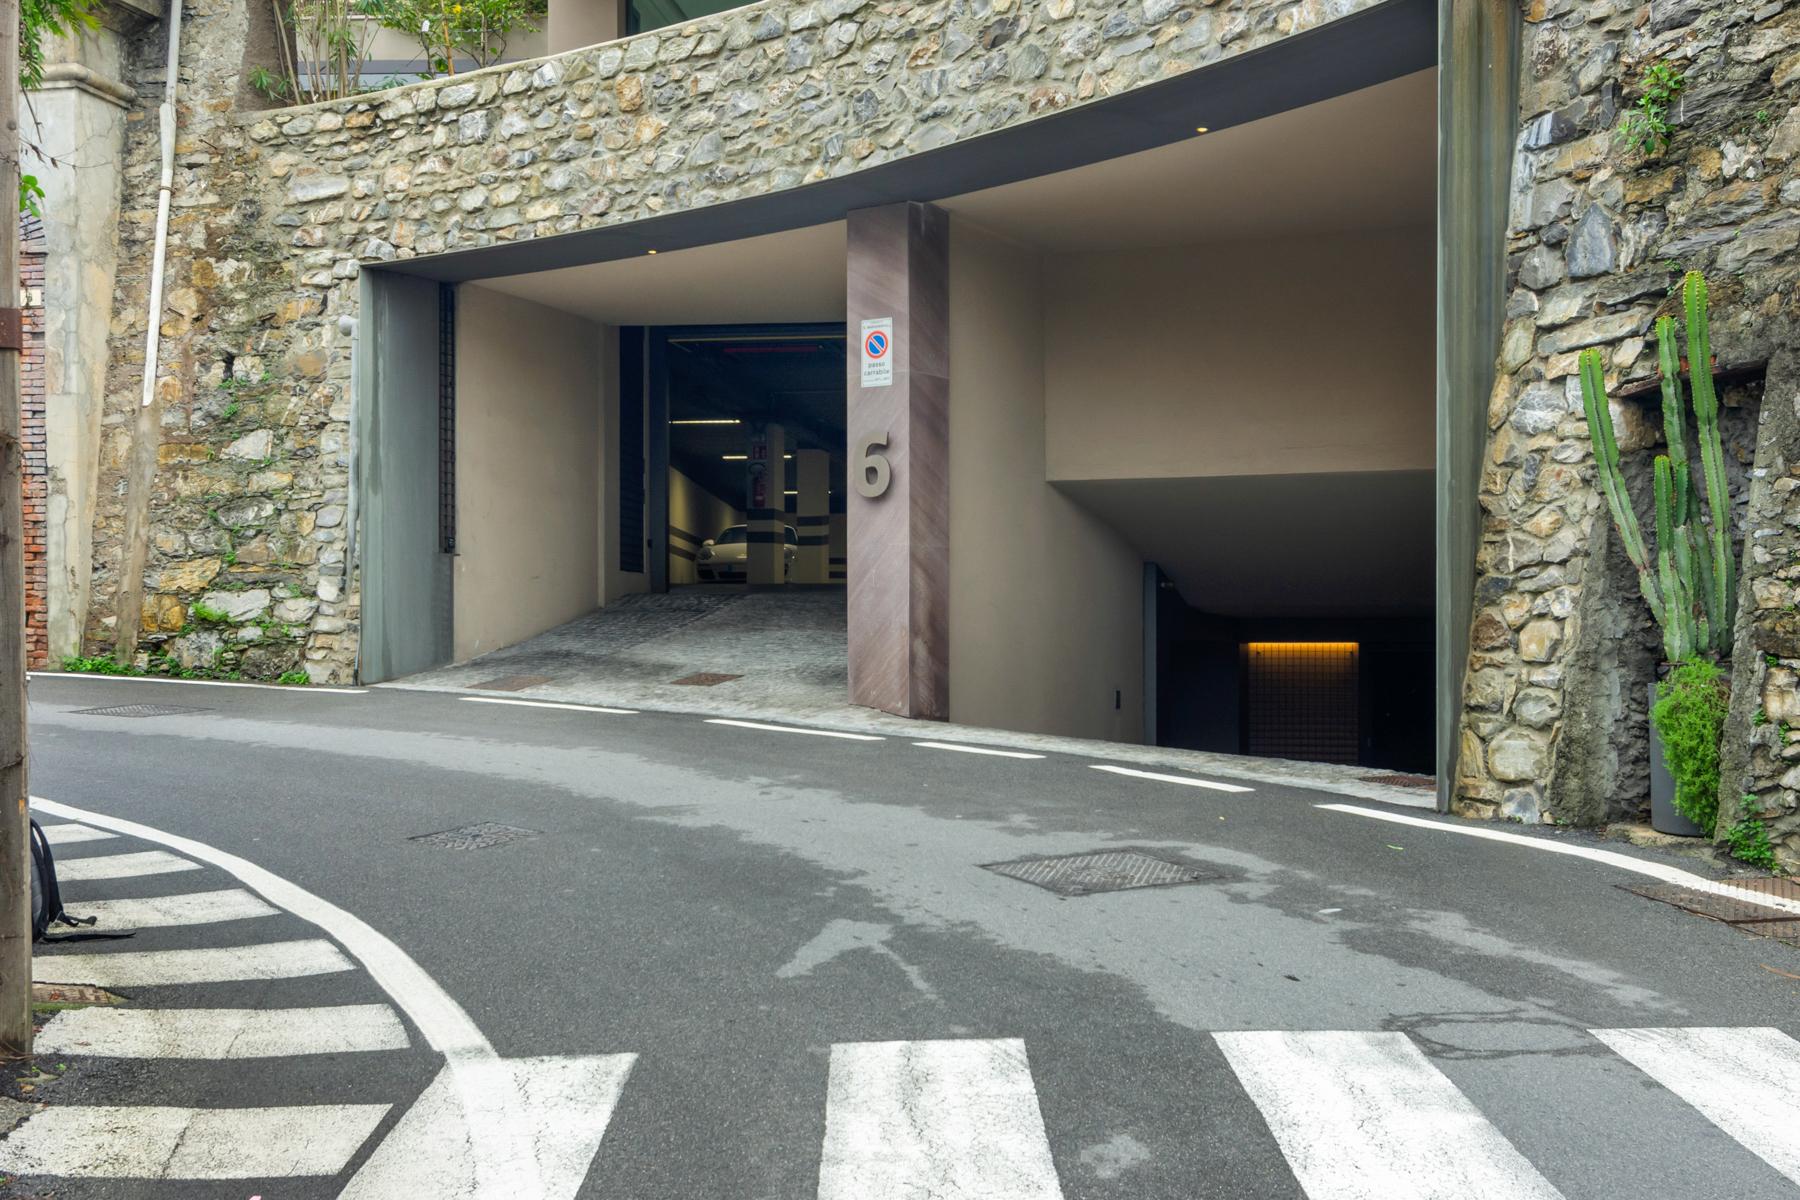 Appartamento in Vendita a Santa Margherita Ligure: 4 locali, 124 mq - Foto 19